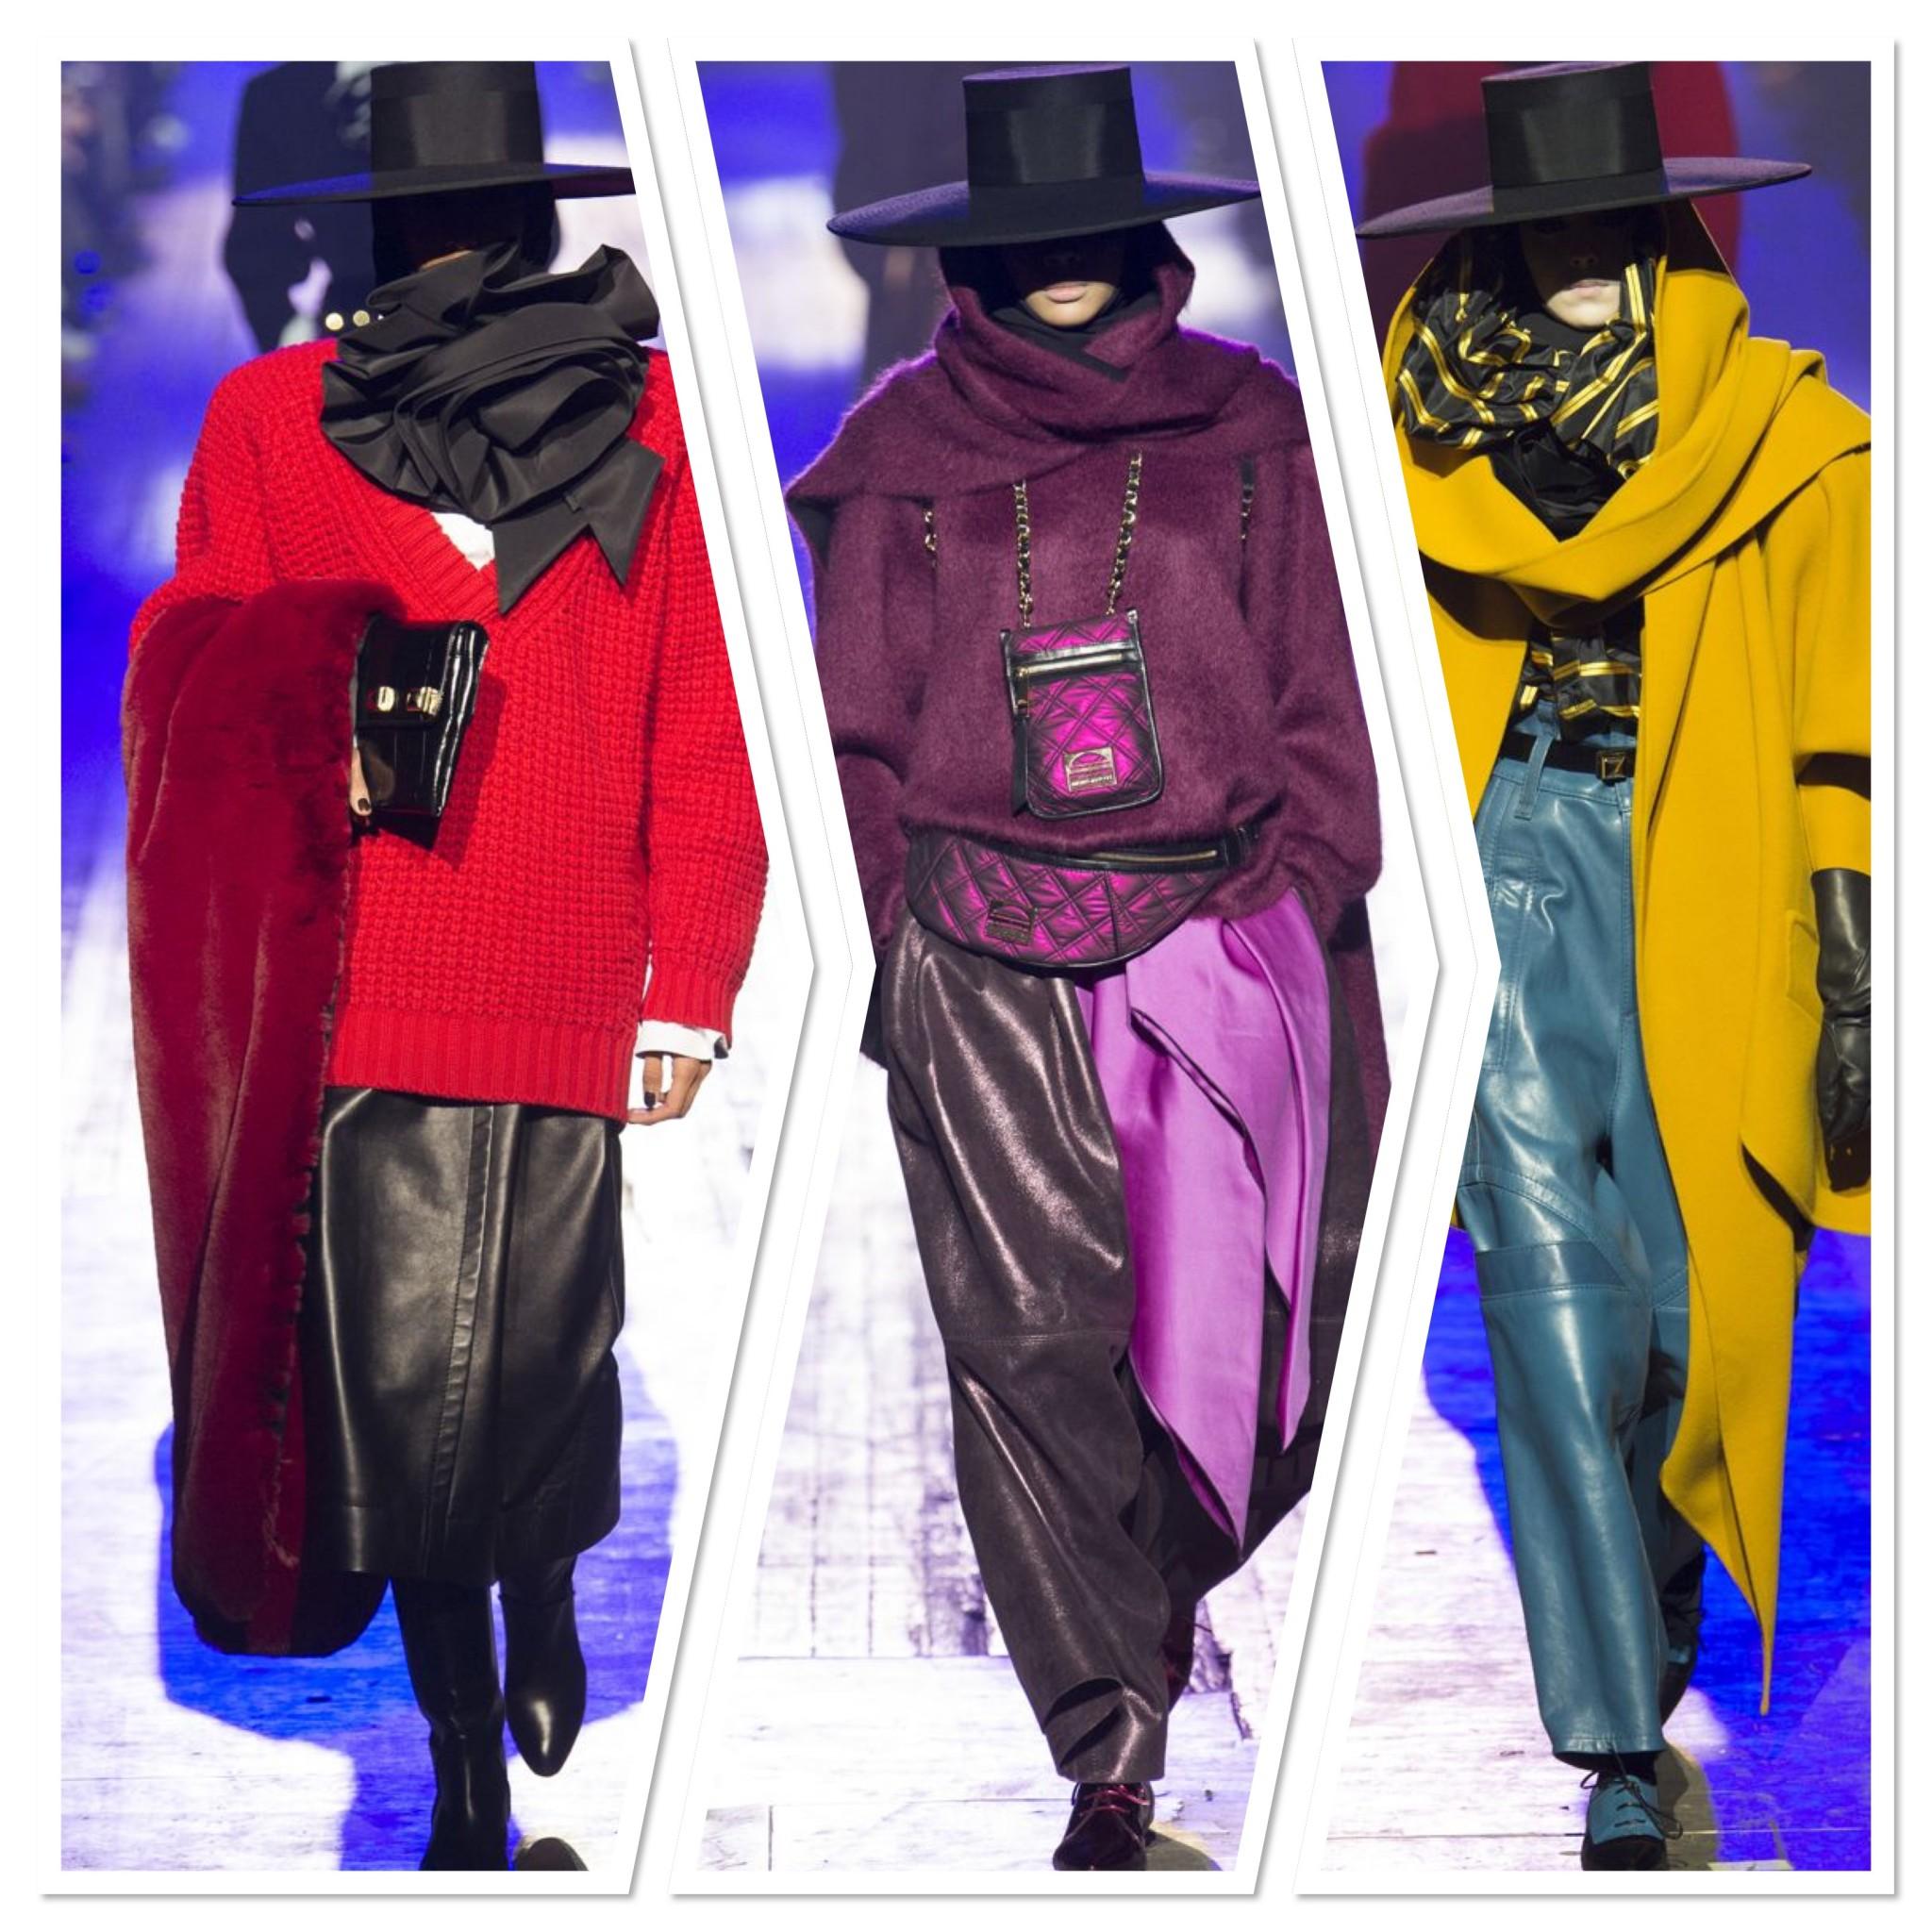 مارك جيكوب يختتم اسبوع الموضة في نيويورك باغرب الاطلالات